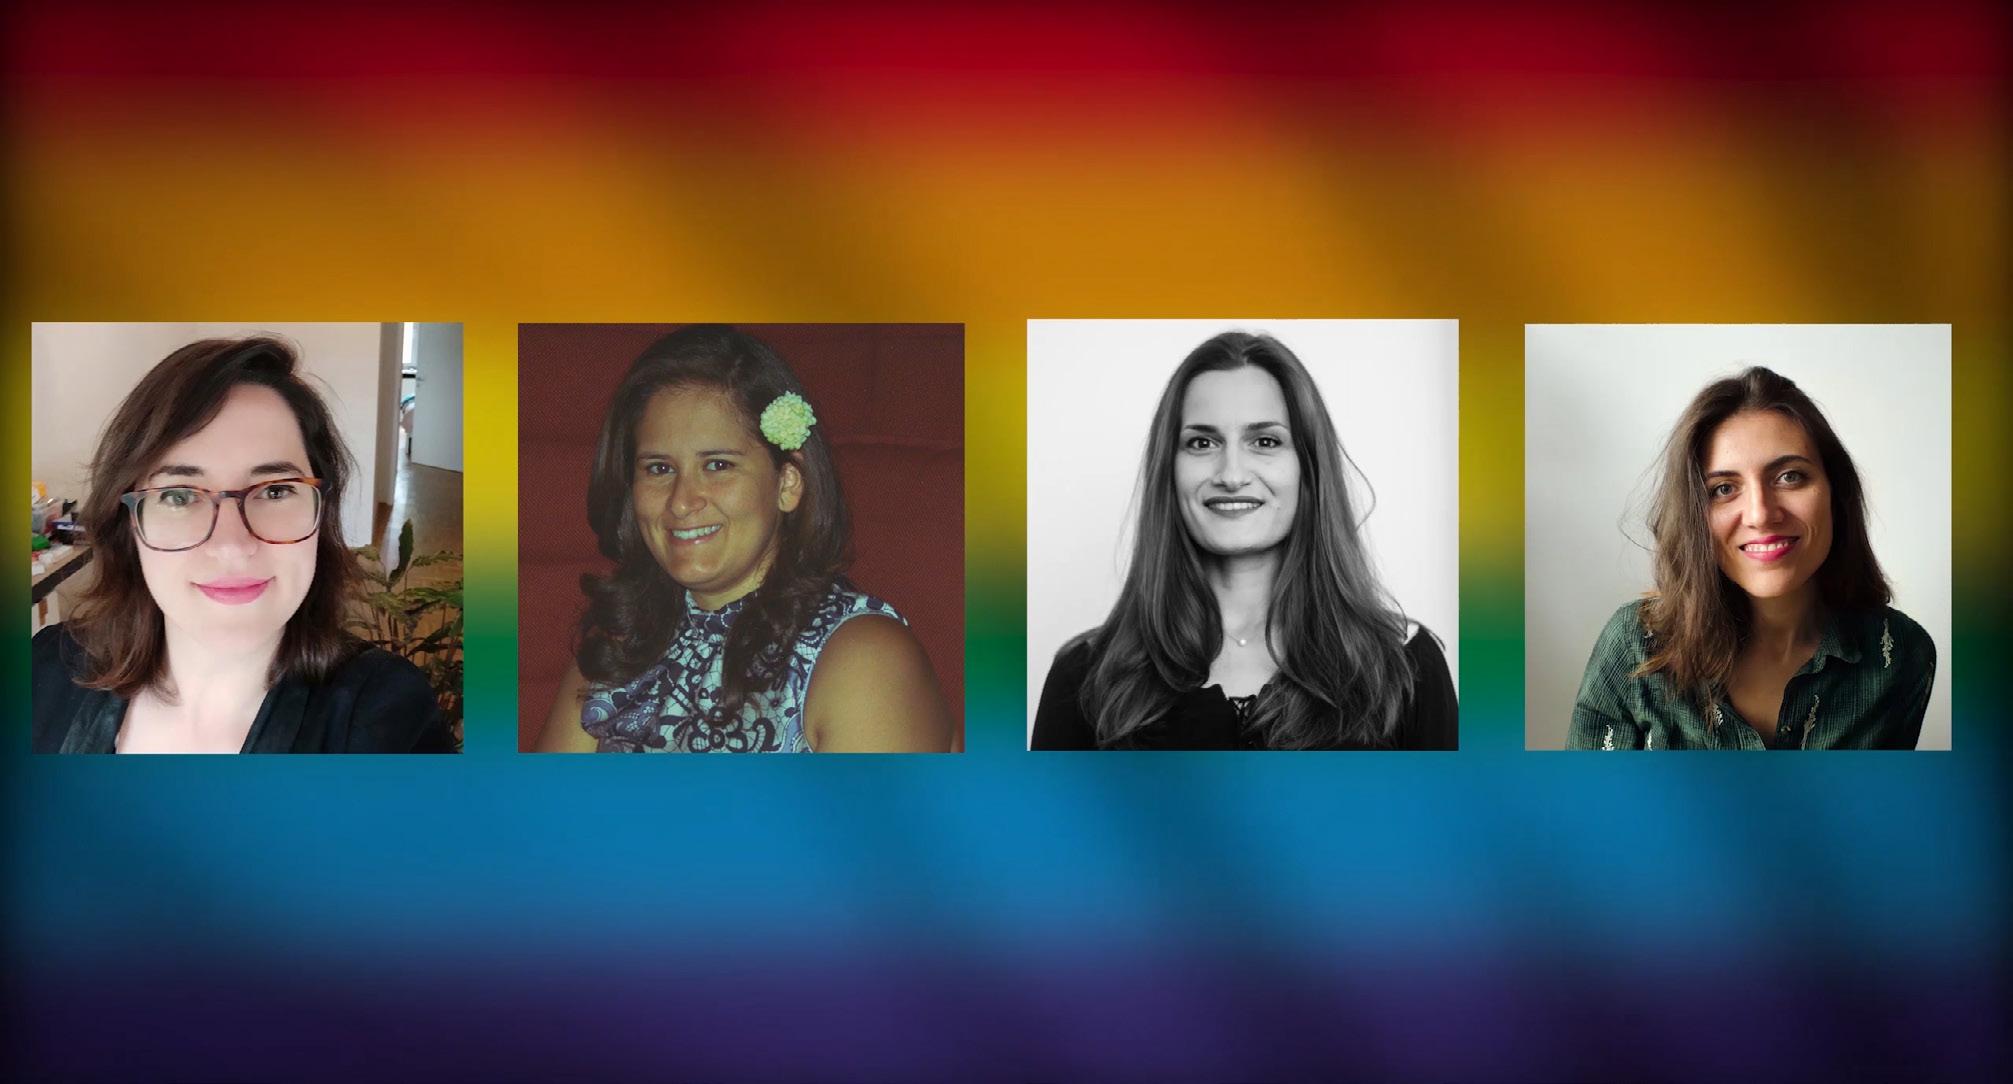 Women Team LGBTQ